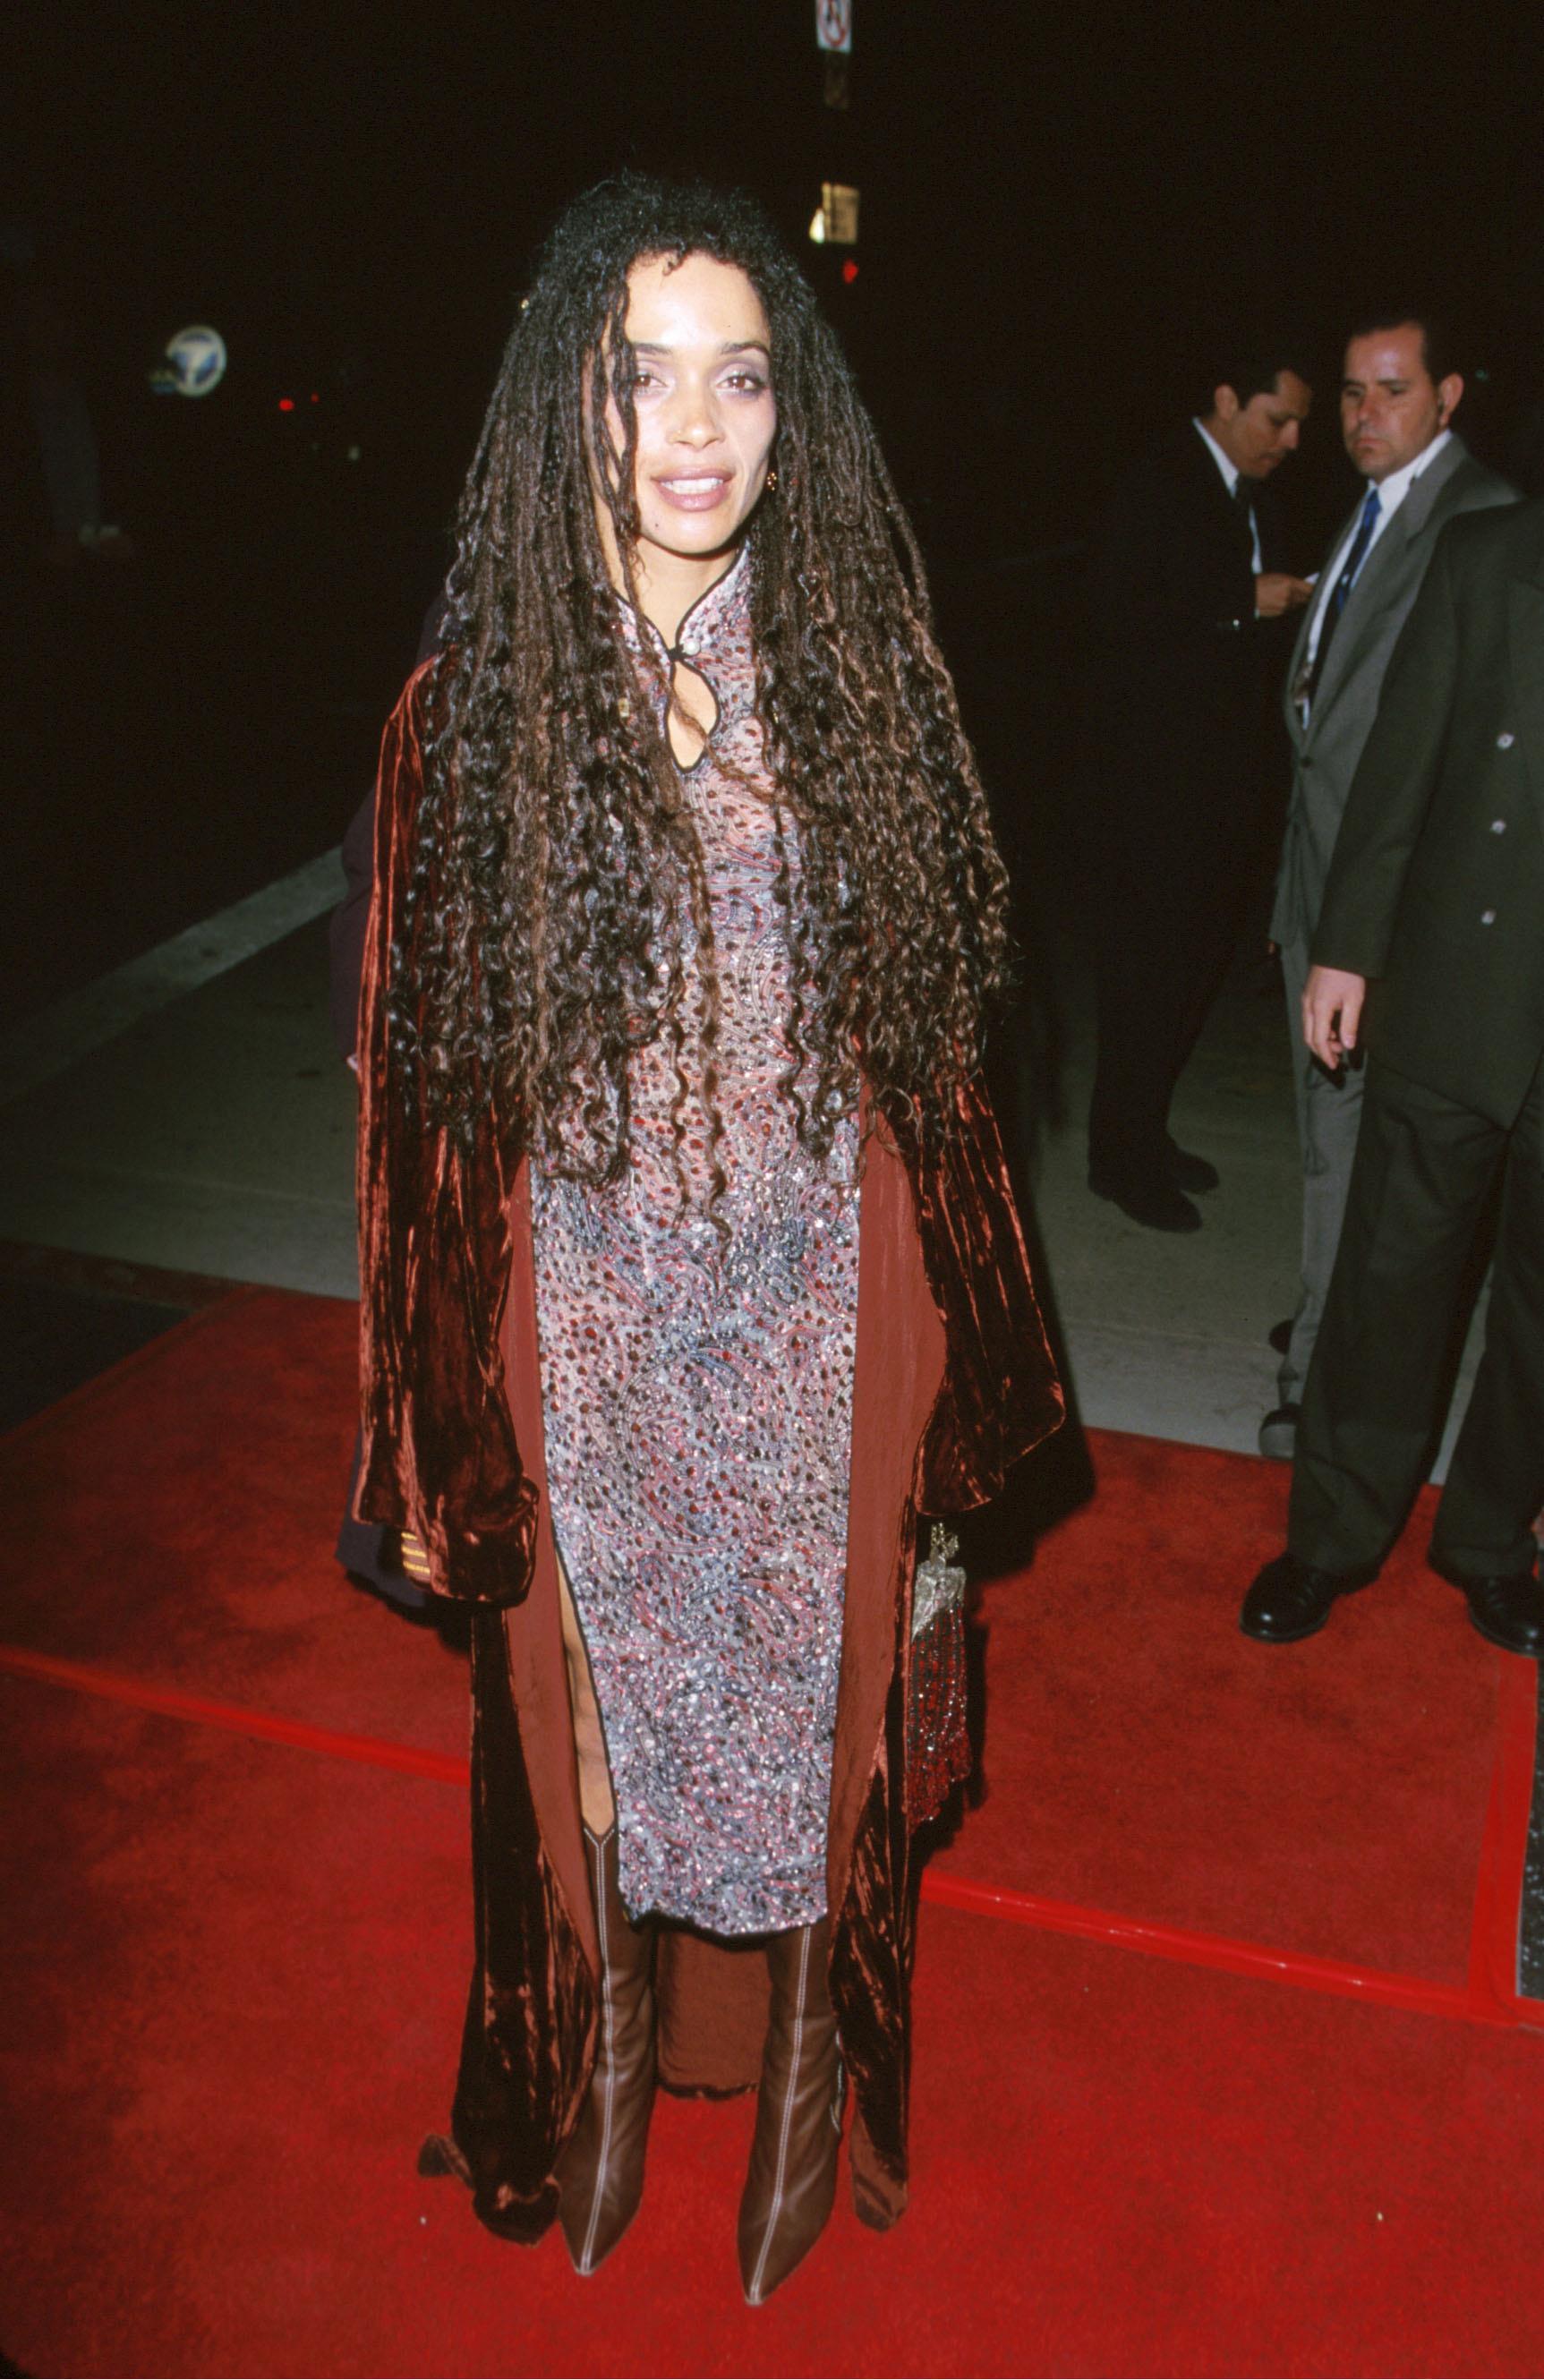 lisa-bonet-iconic-outfits-style-fashion